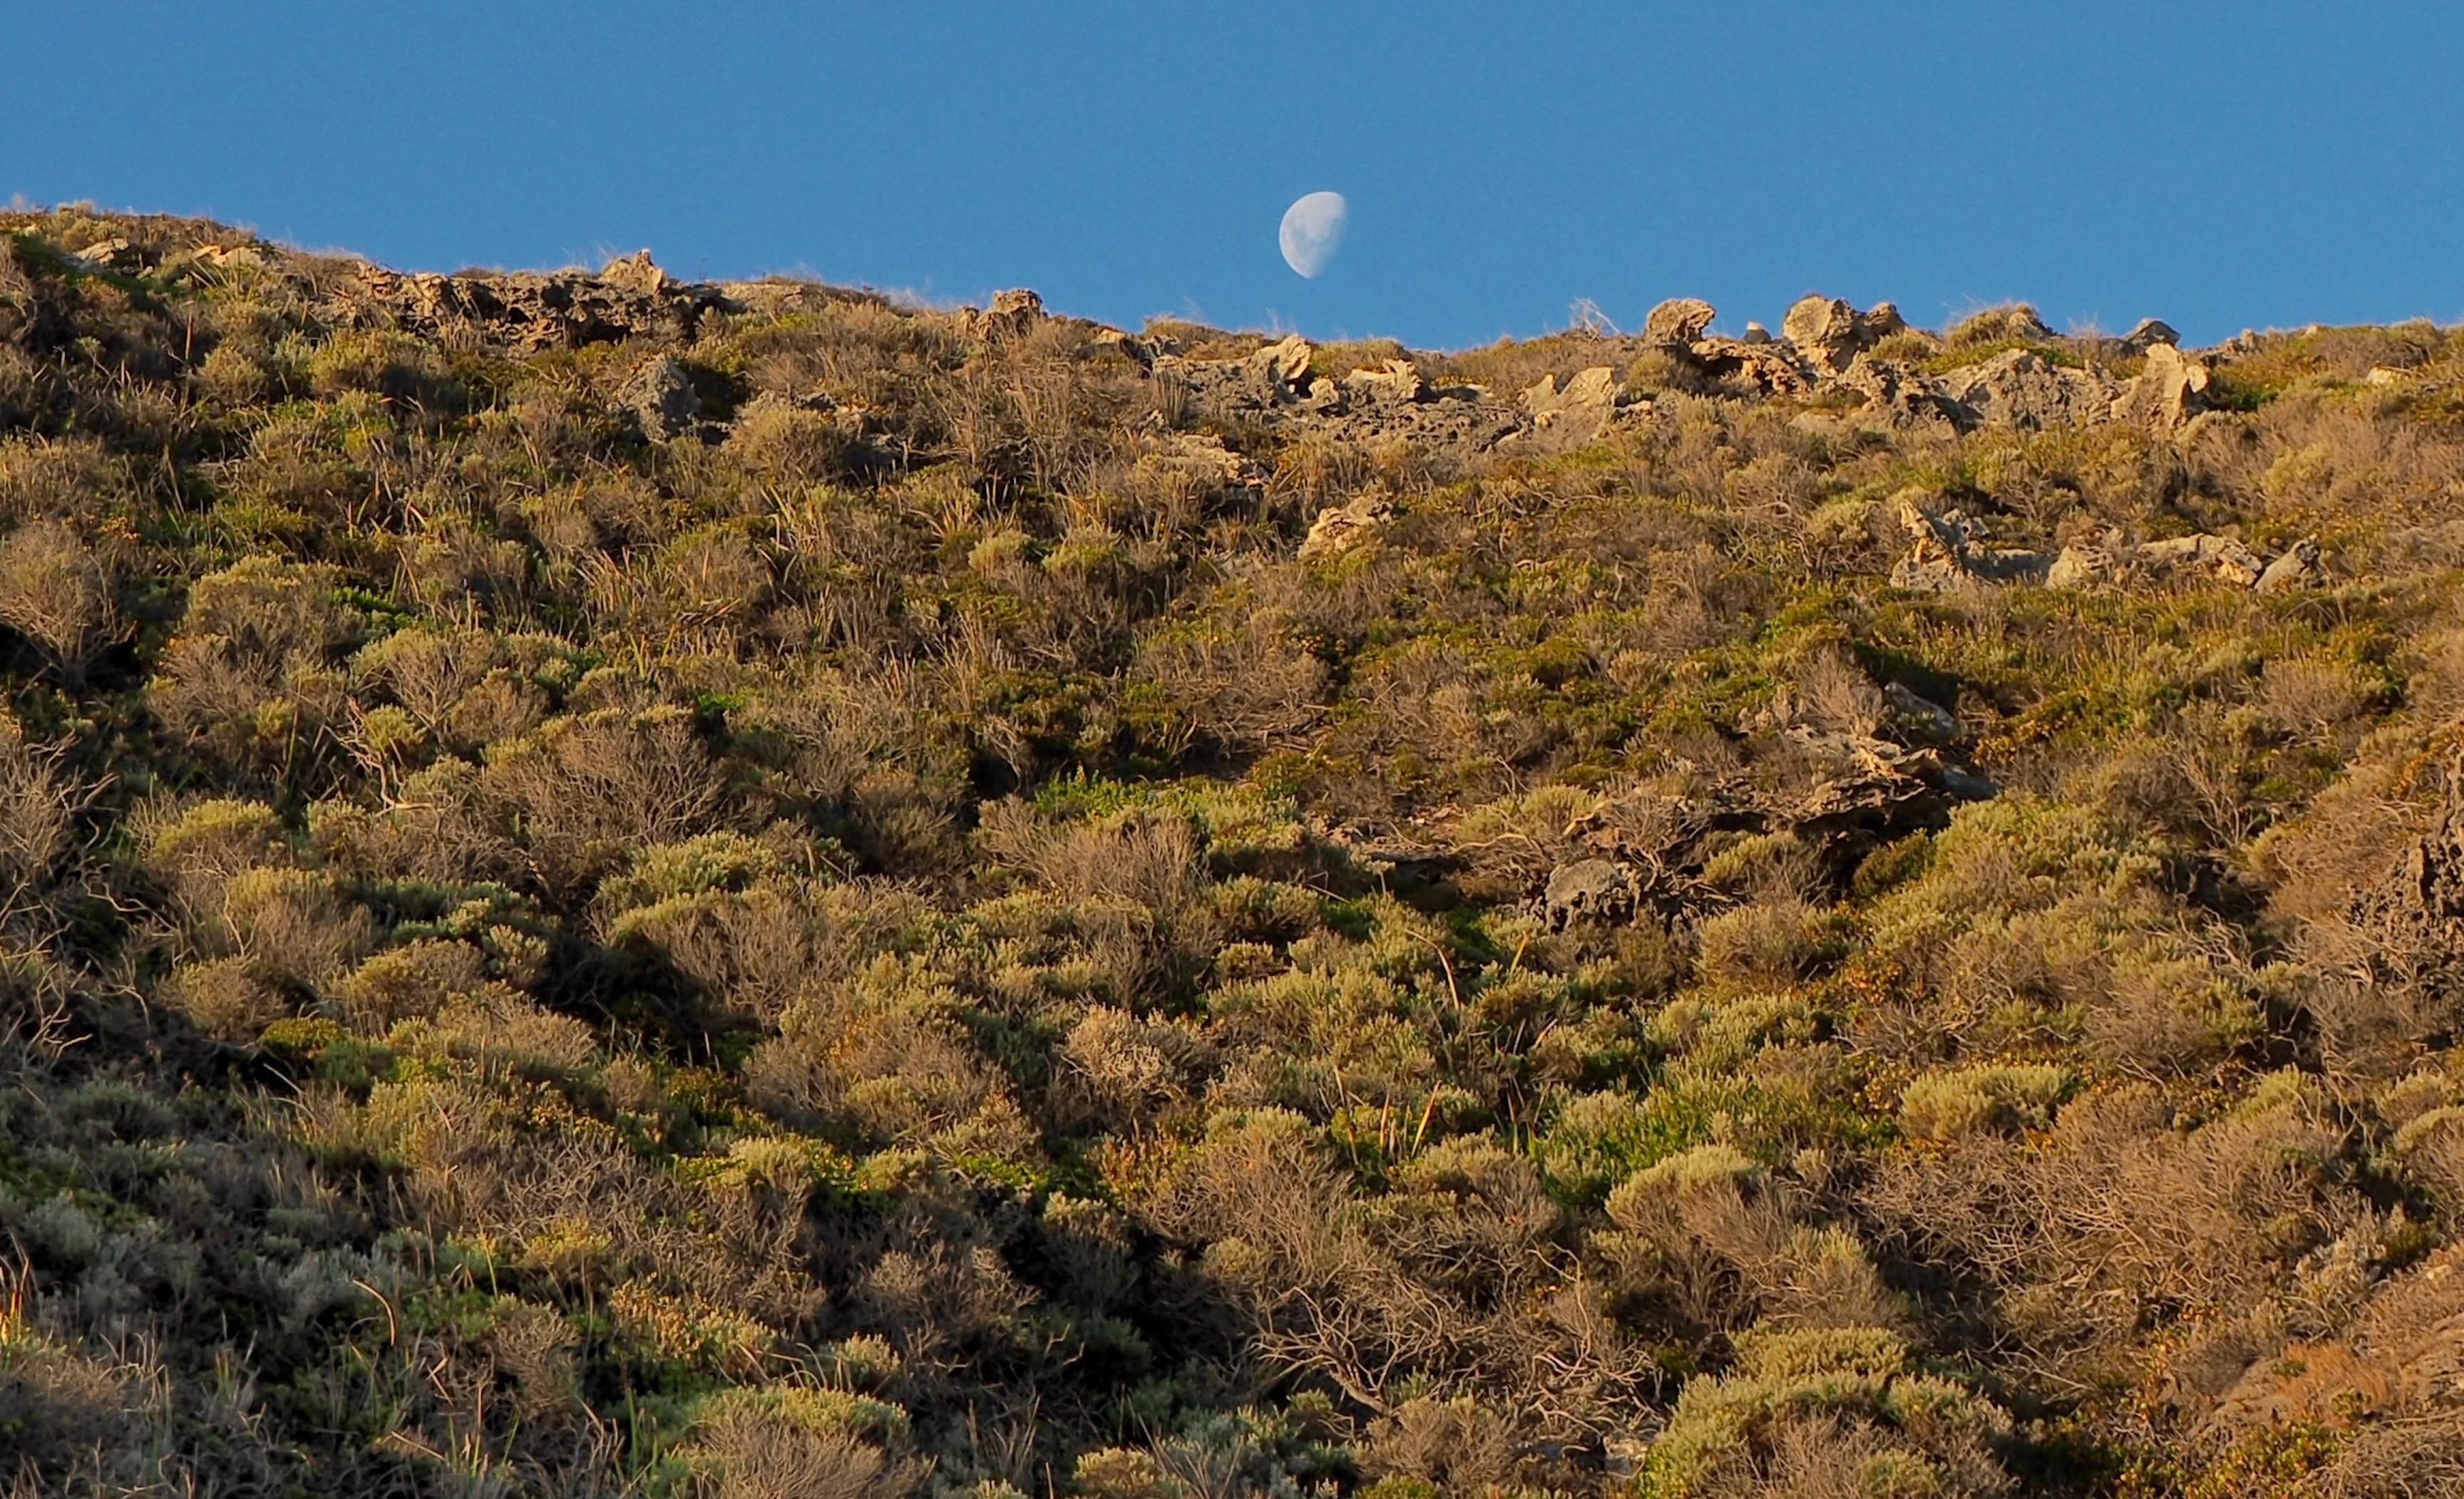 Drought resistant low rainfall desert shrubs.